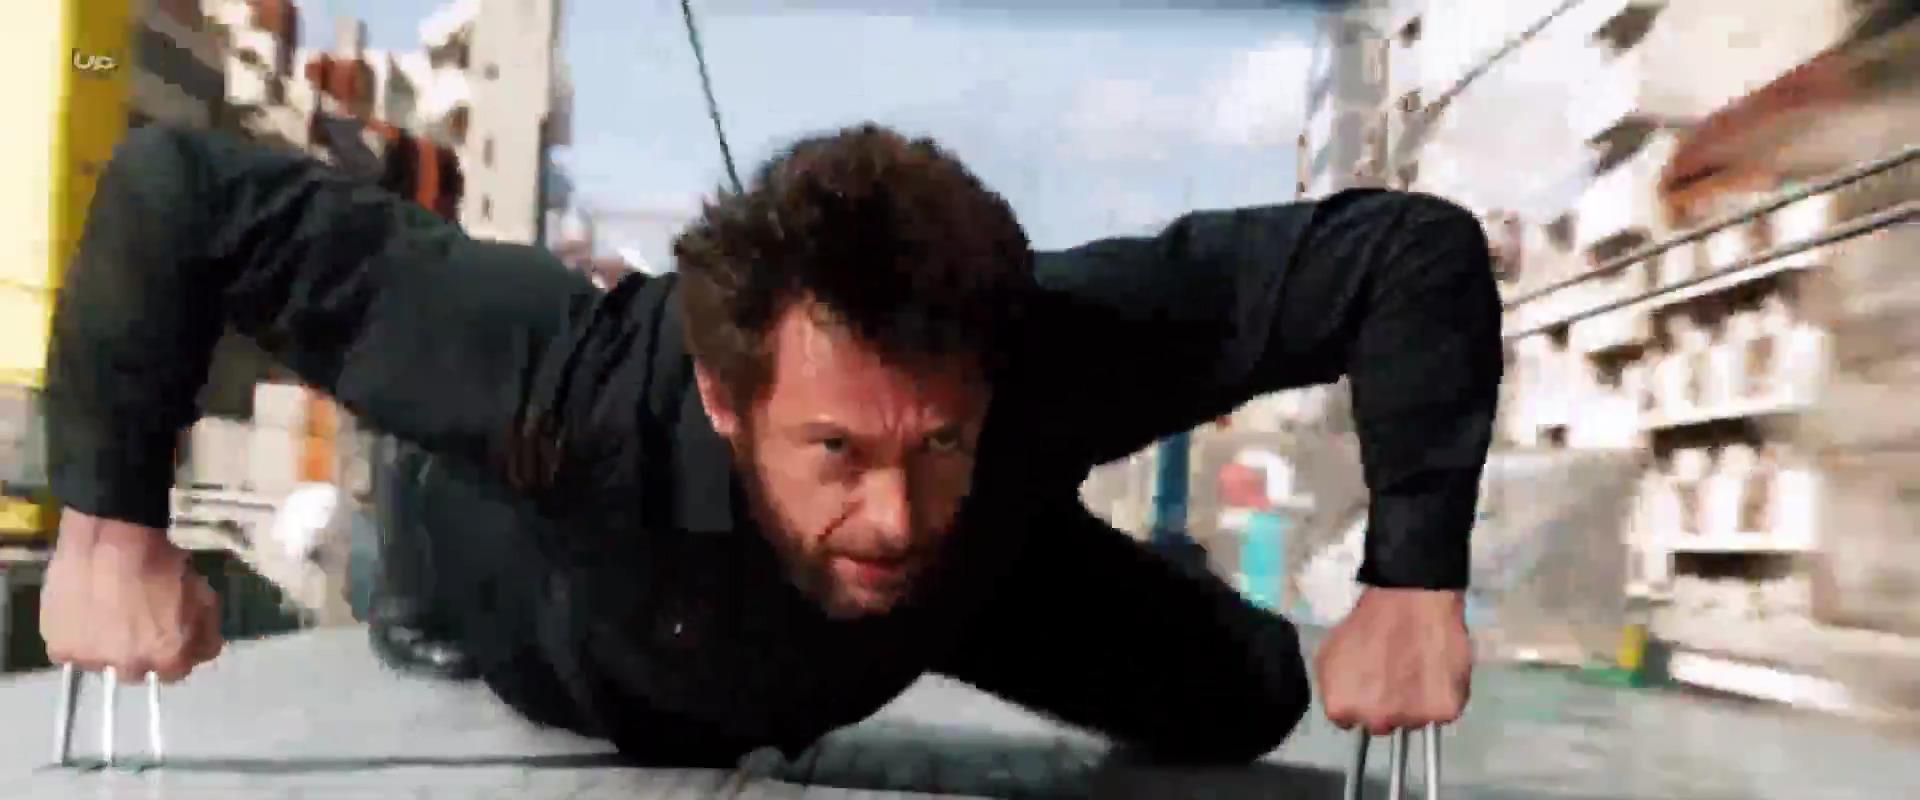 تماشای آنلاین فیلم The Wolverine 2013 ولورین با دوبله فارسی